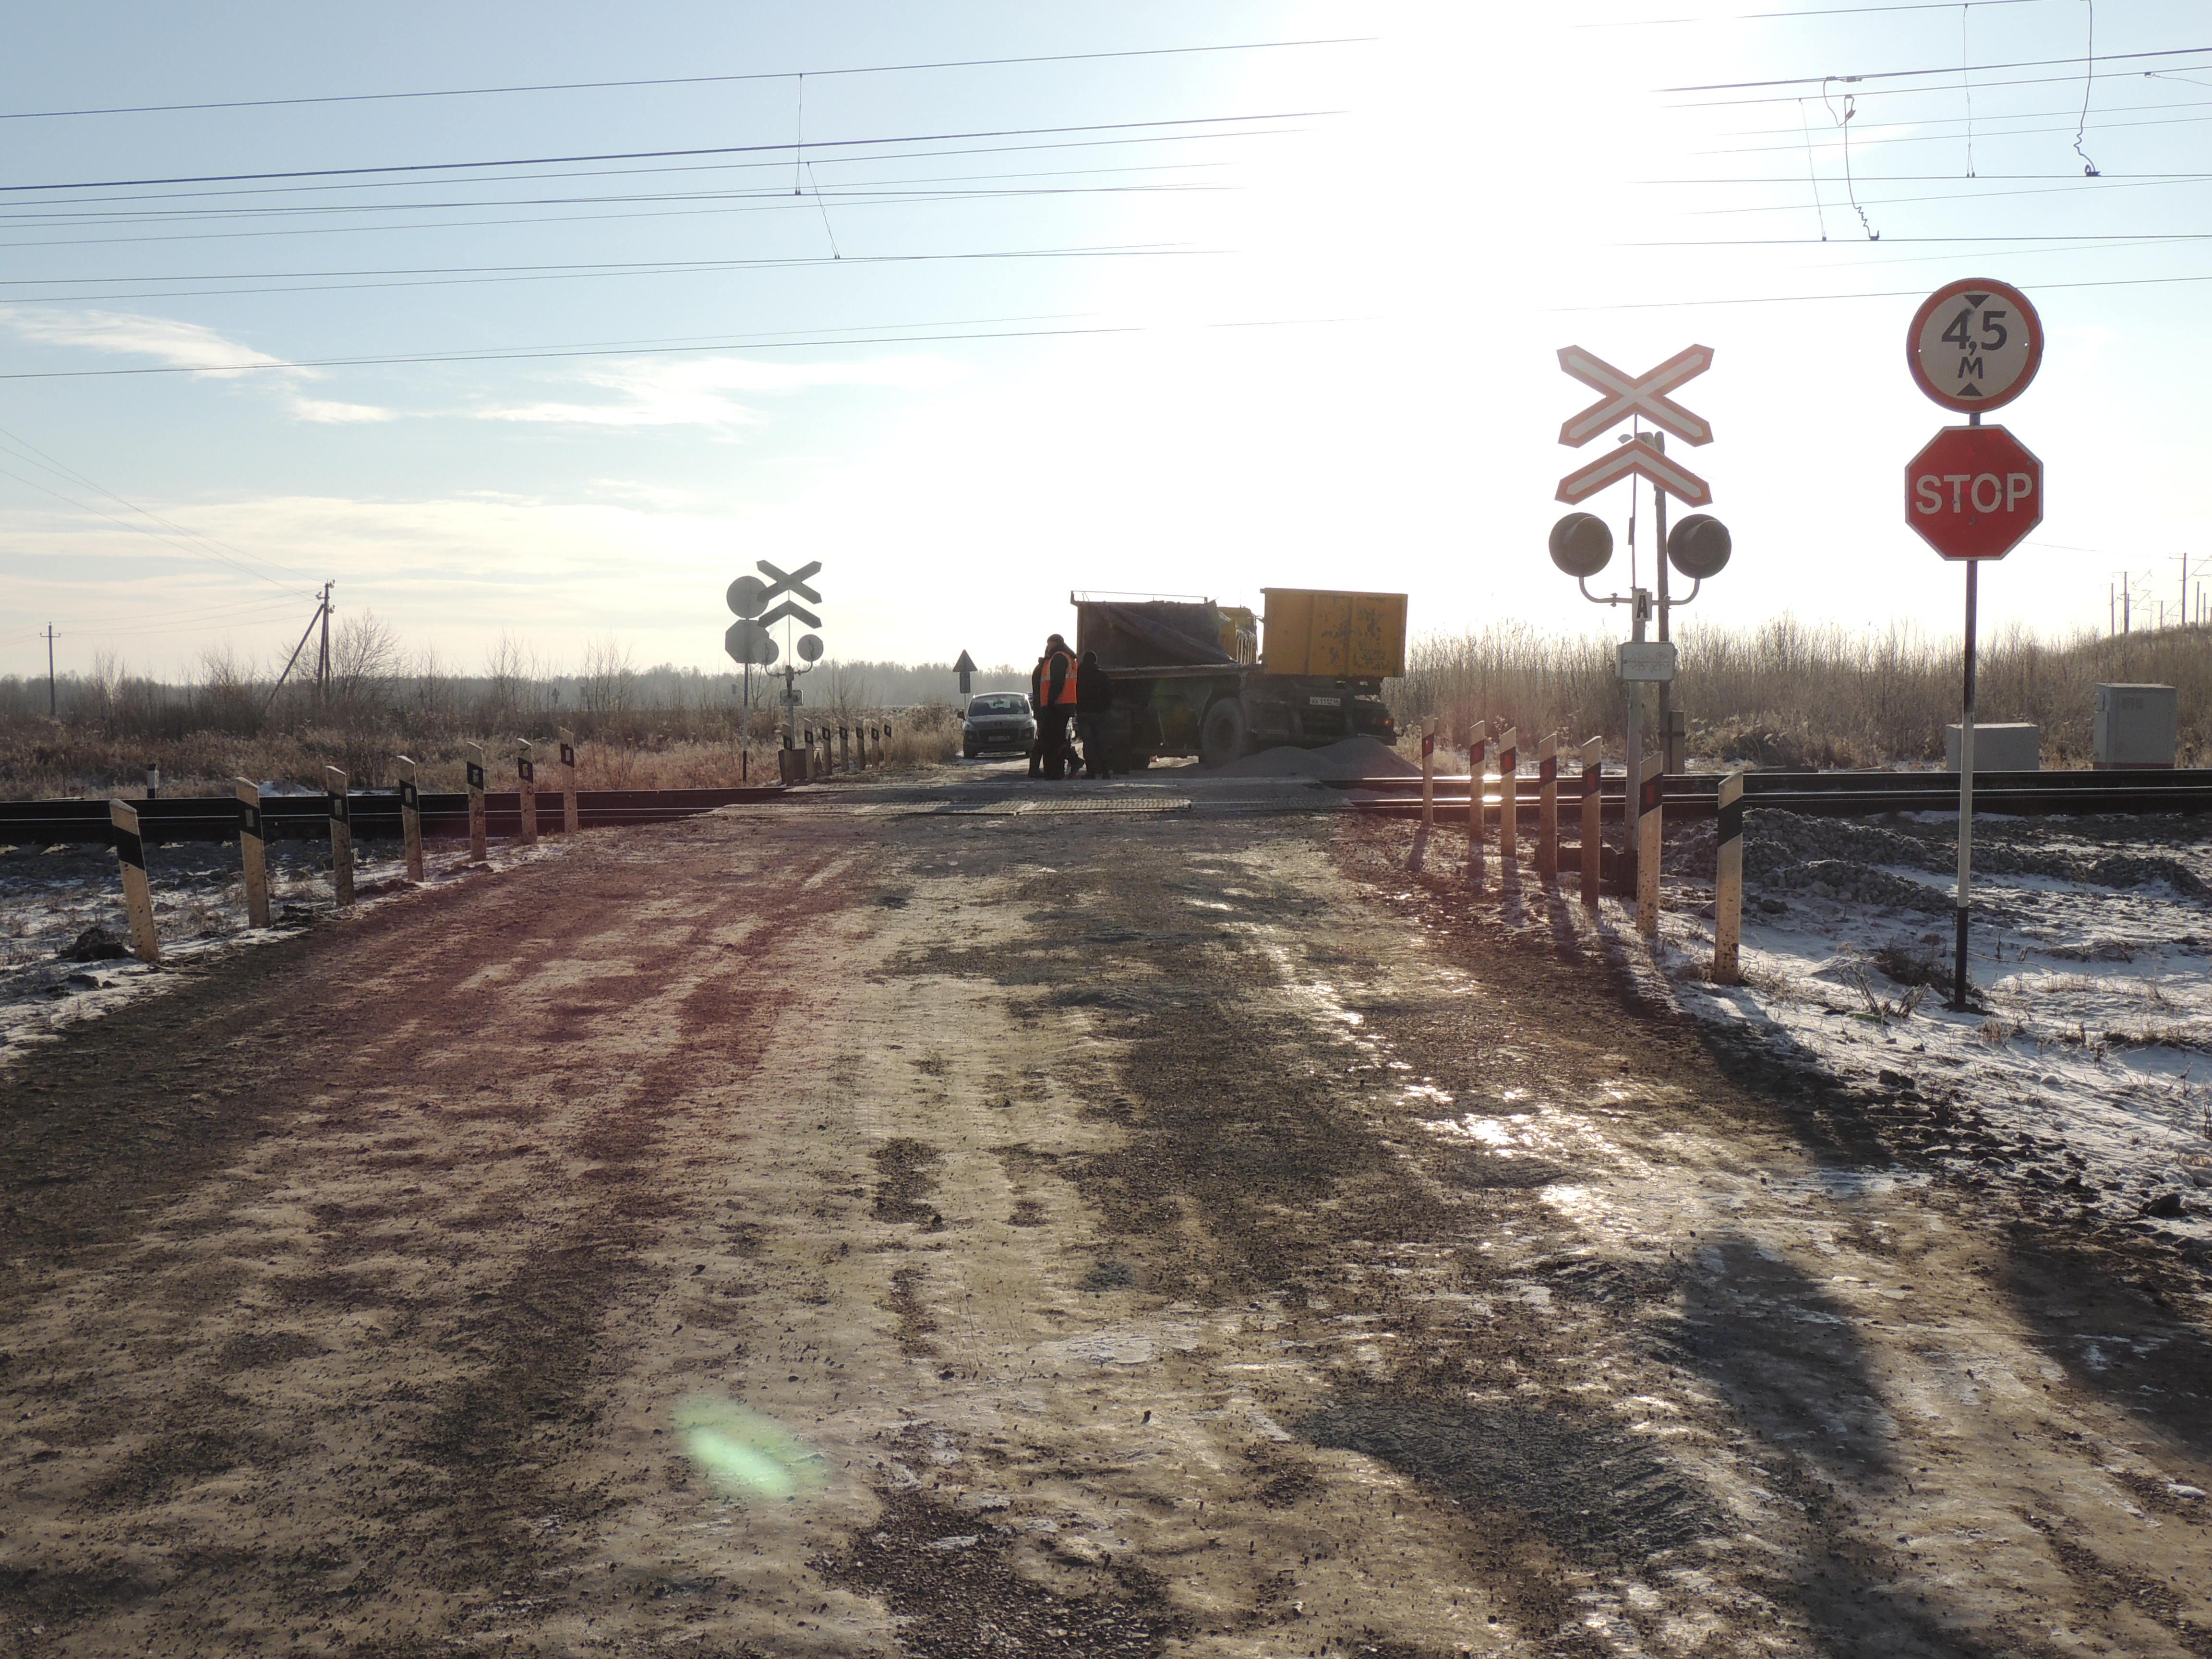 Не проскочил: под Богдановичем пассажирский поезд протаранил грузовик